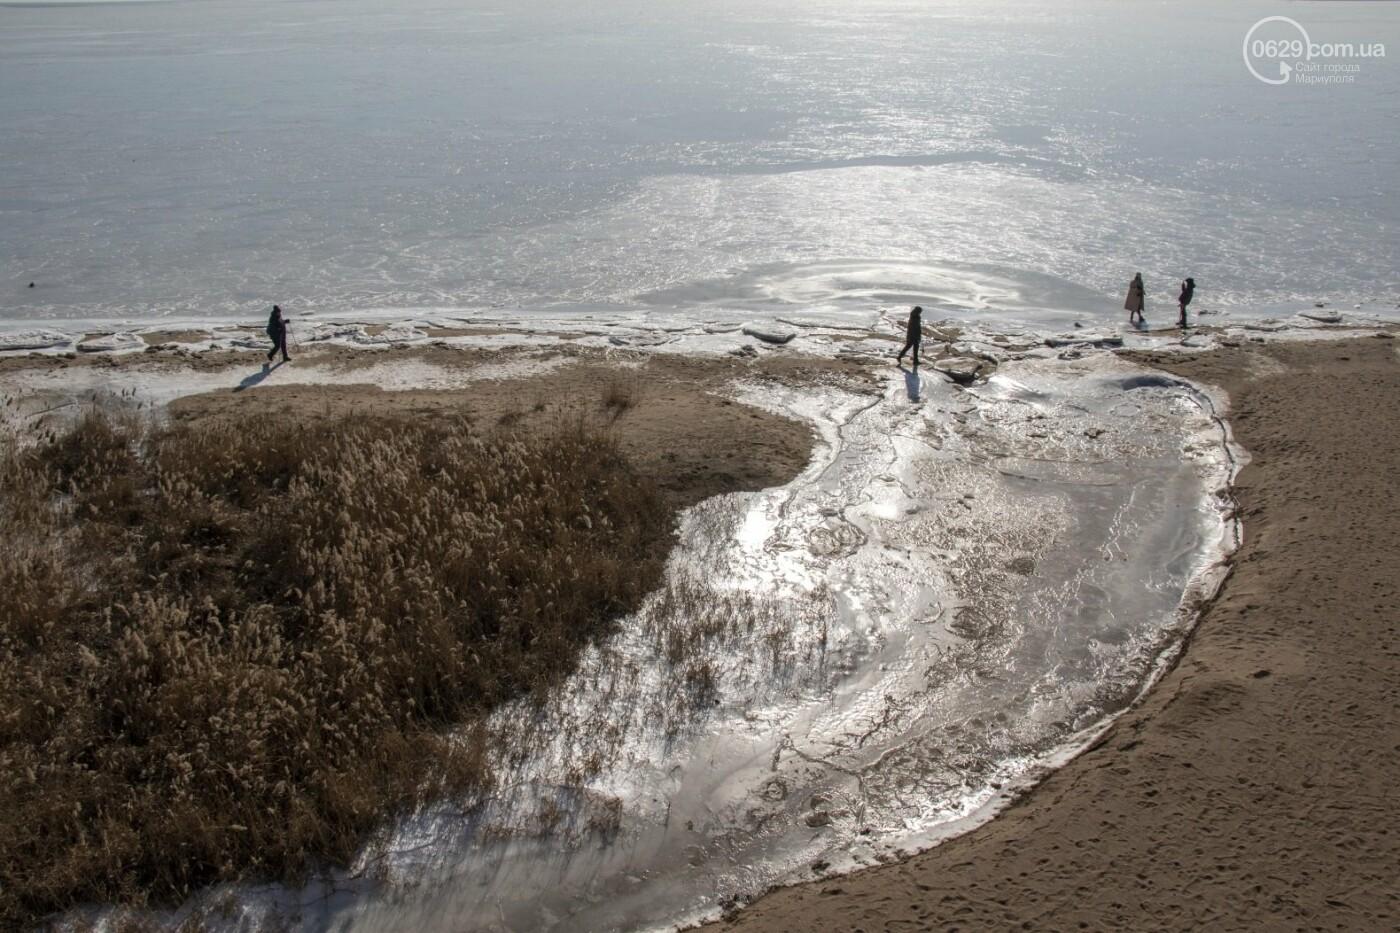 Встать в центр моря и не утонуть. 20 фотографий зимнего Азова в Мариуполе, - ФОТОРЕПОРТАЖ, фото-9